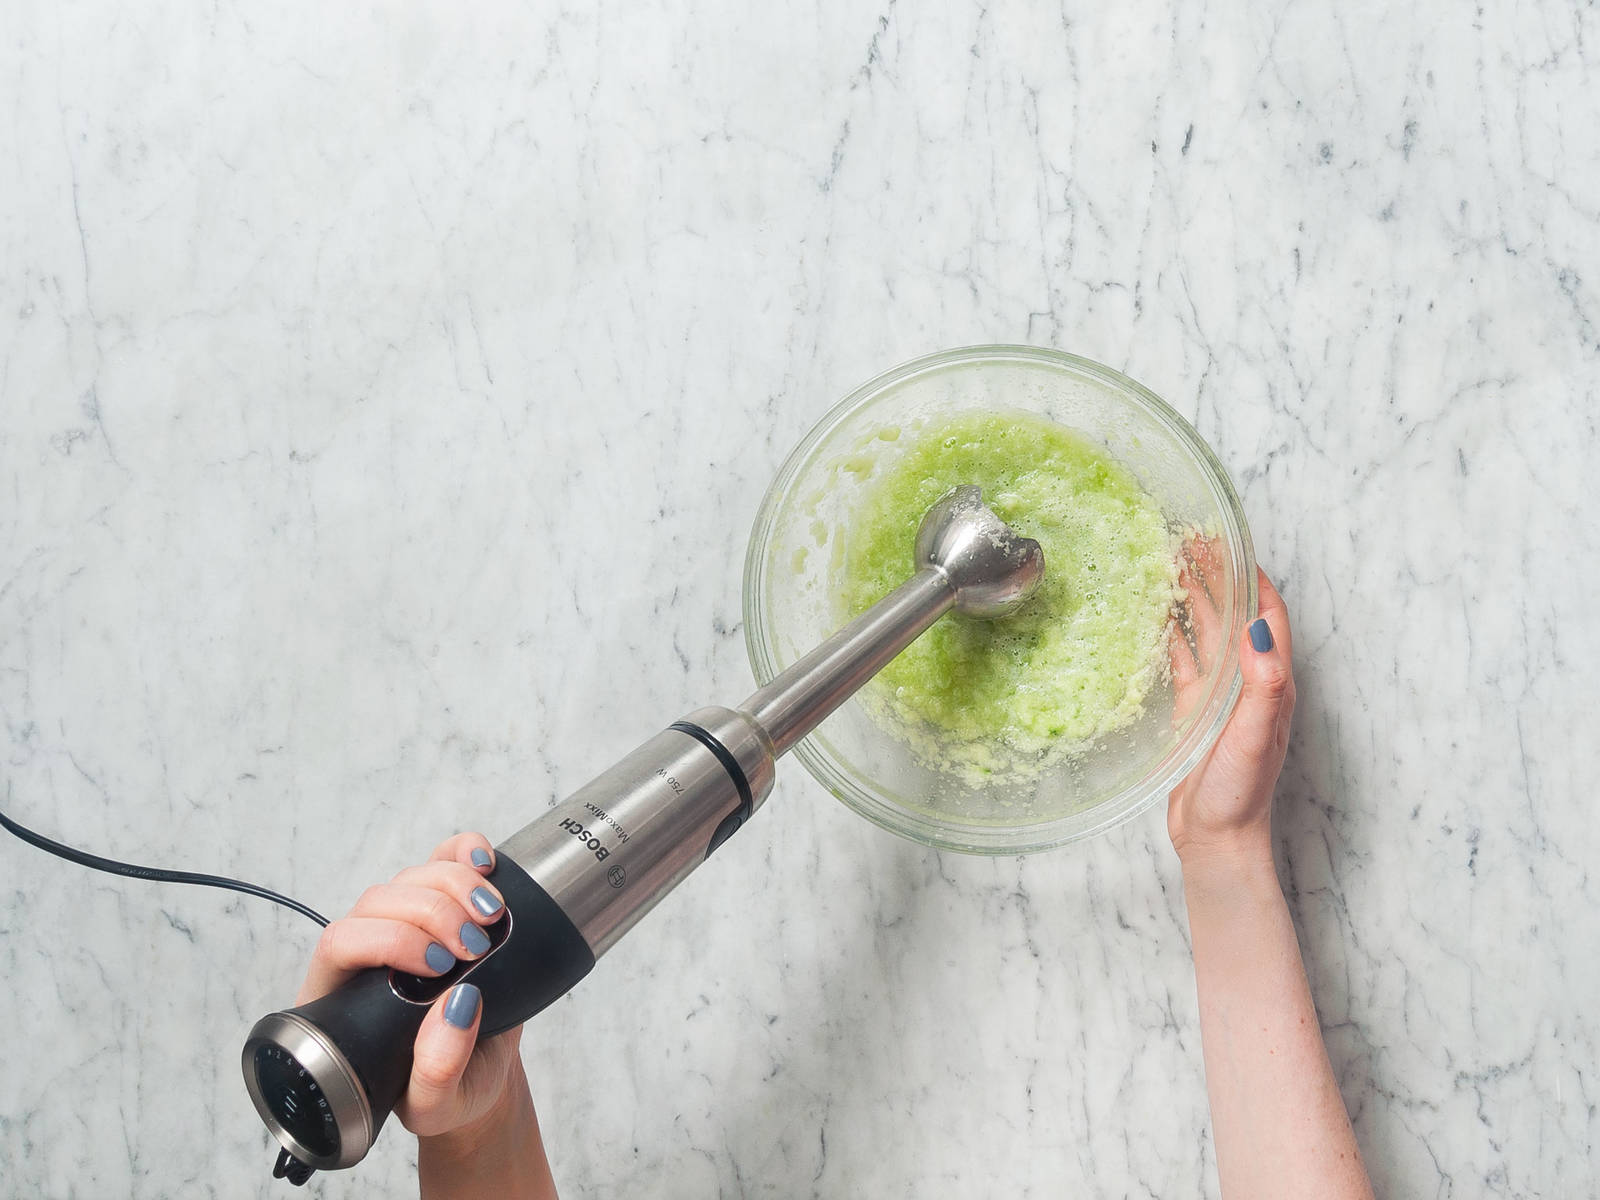 黄瓜削皮后切成易入口的小块。放到搅拌碗中,搅成泥。然后过筛倒入另一个碗中,滤掉黄瓜籽。